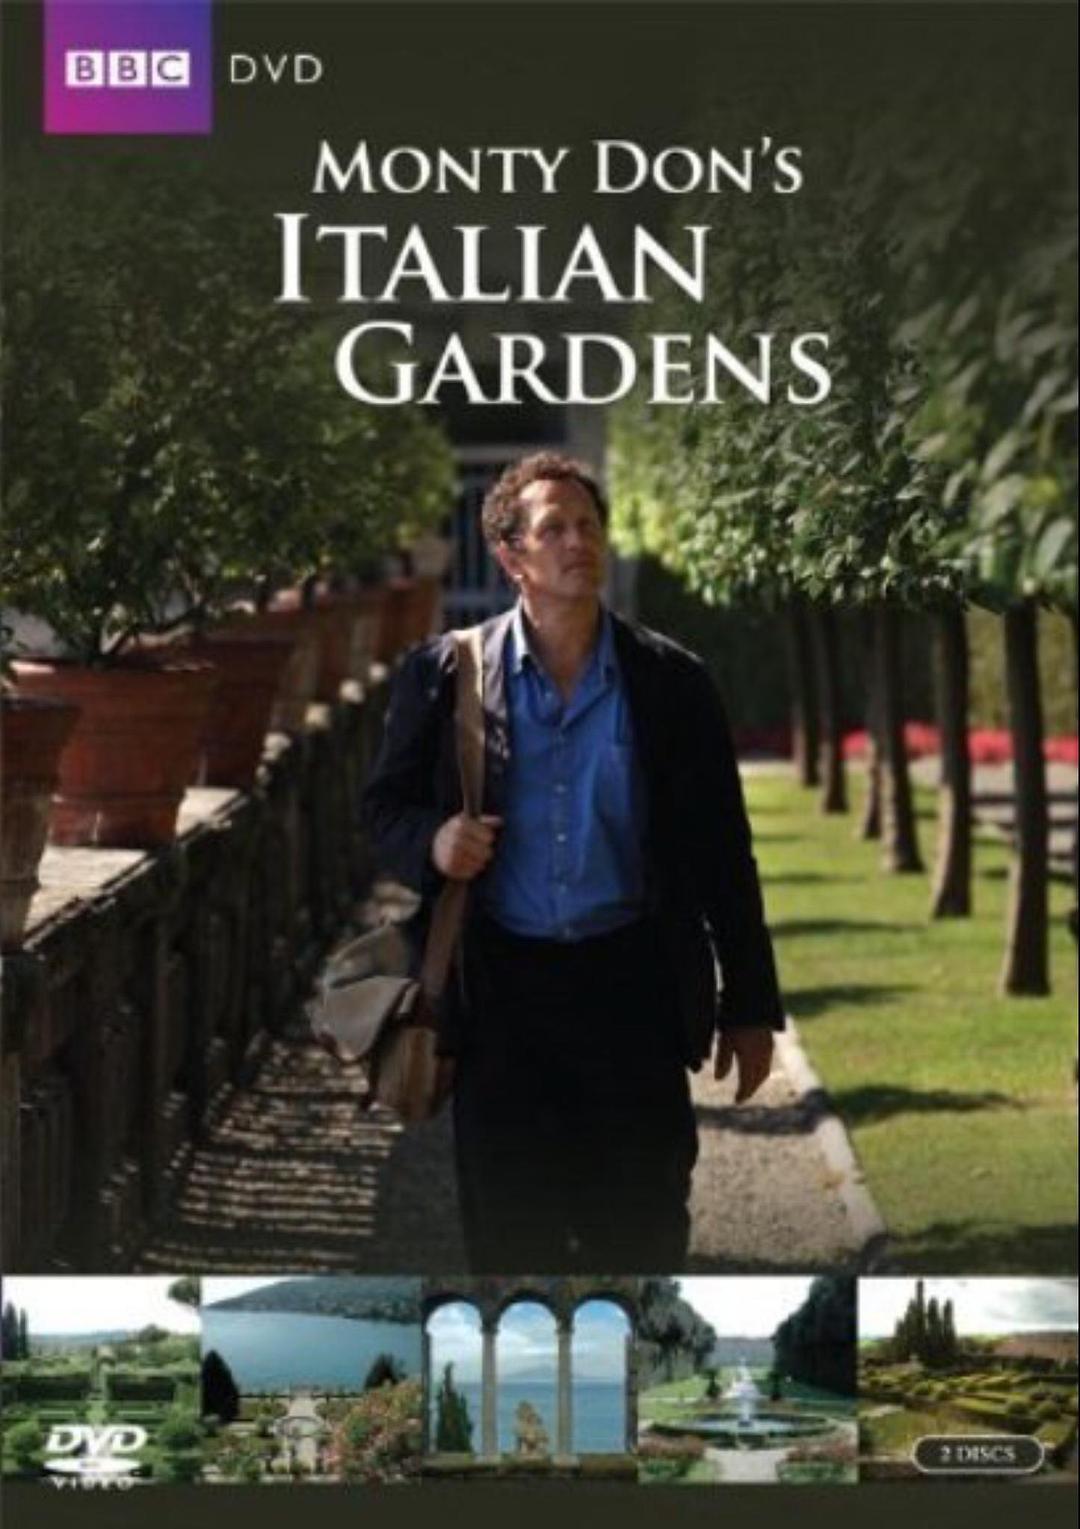 意大利花园